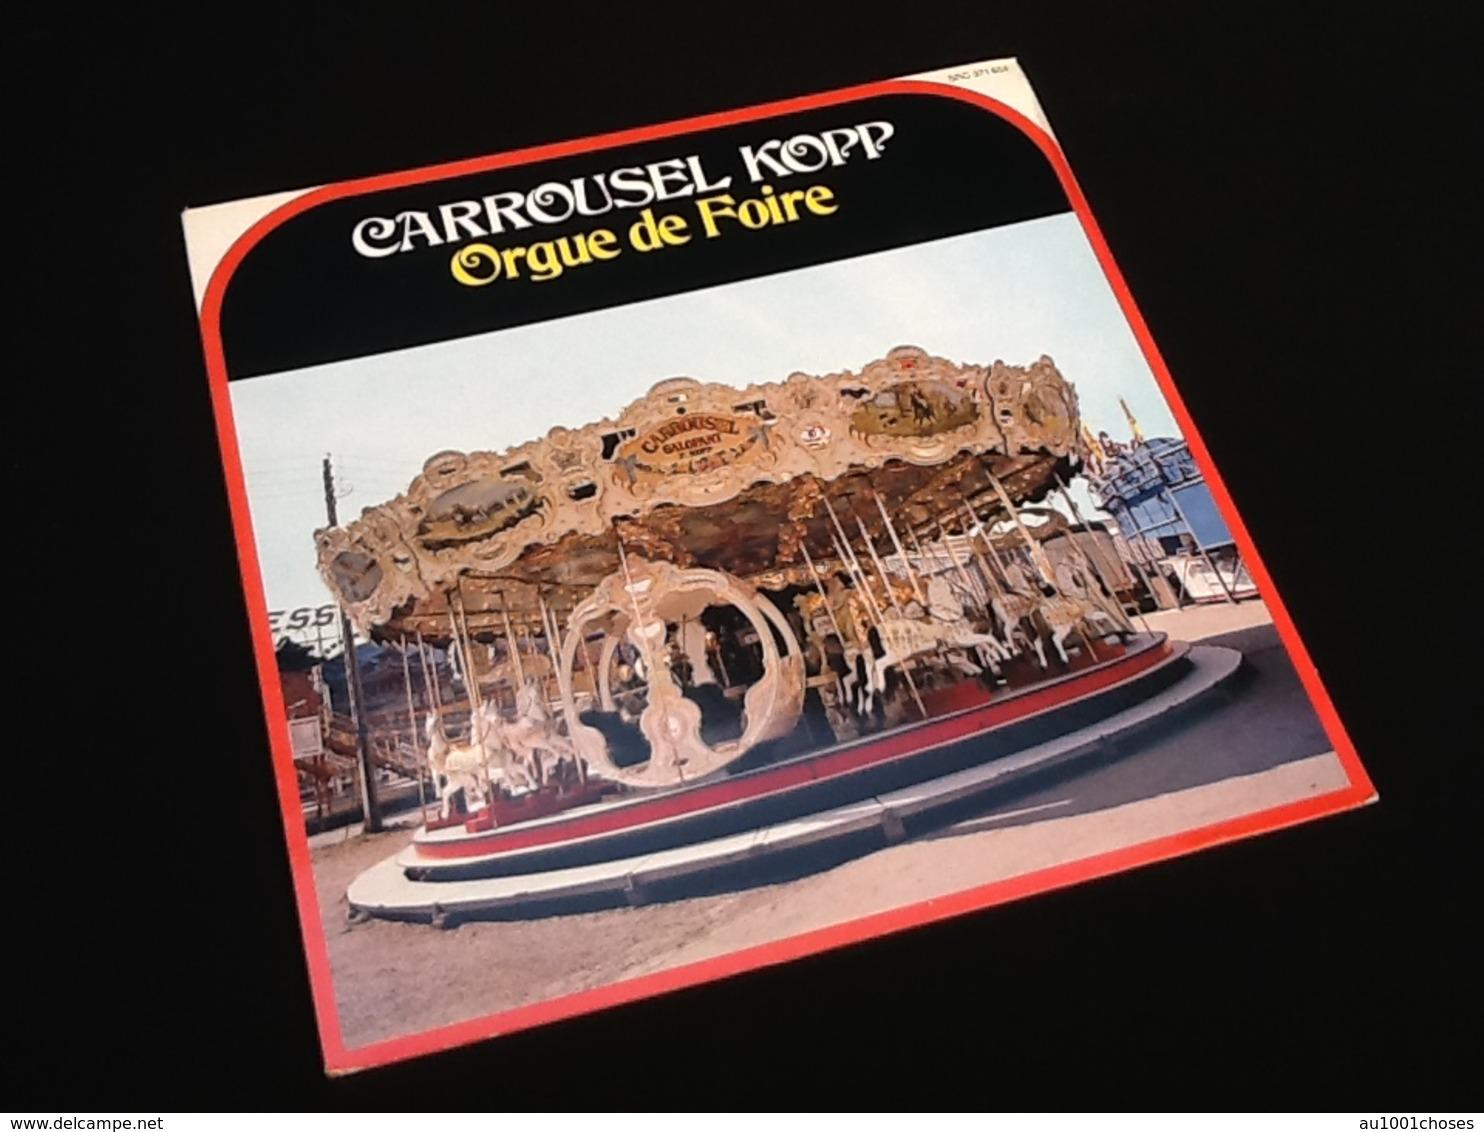 Vinyle 33 Tours  Carrousel Kopp   Orgue De Foire - Other